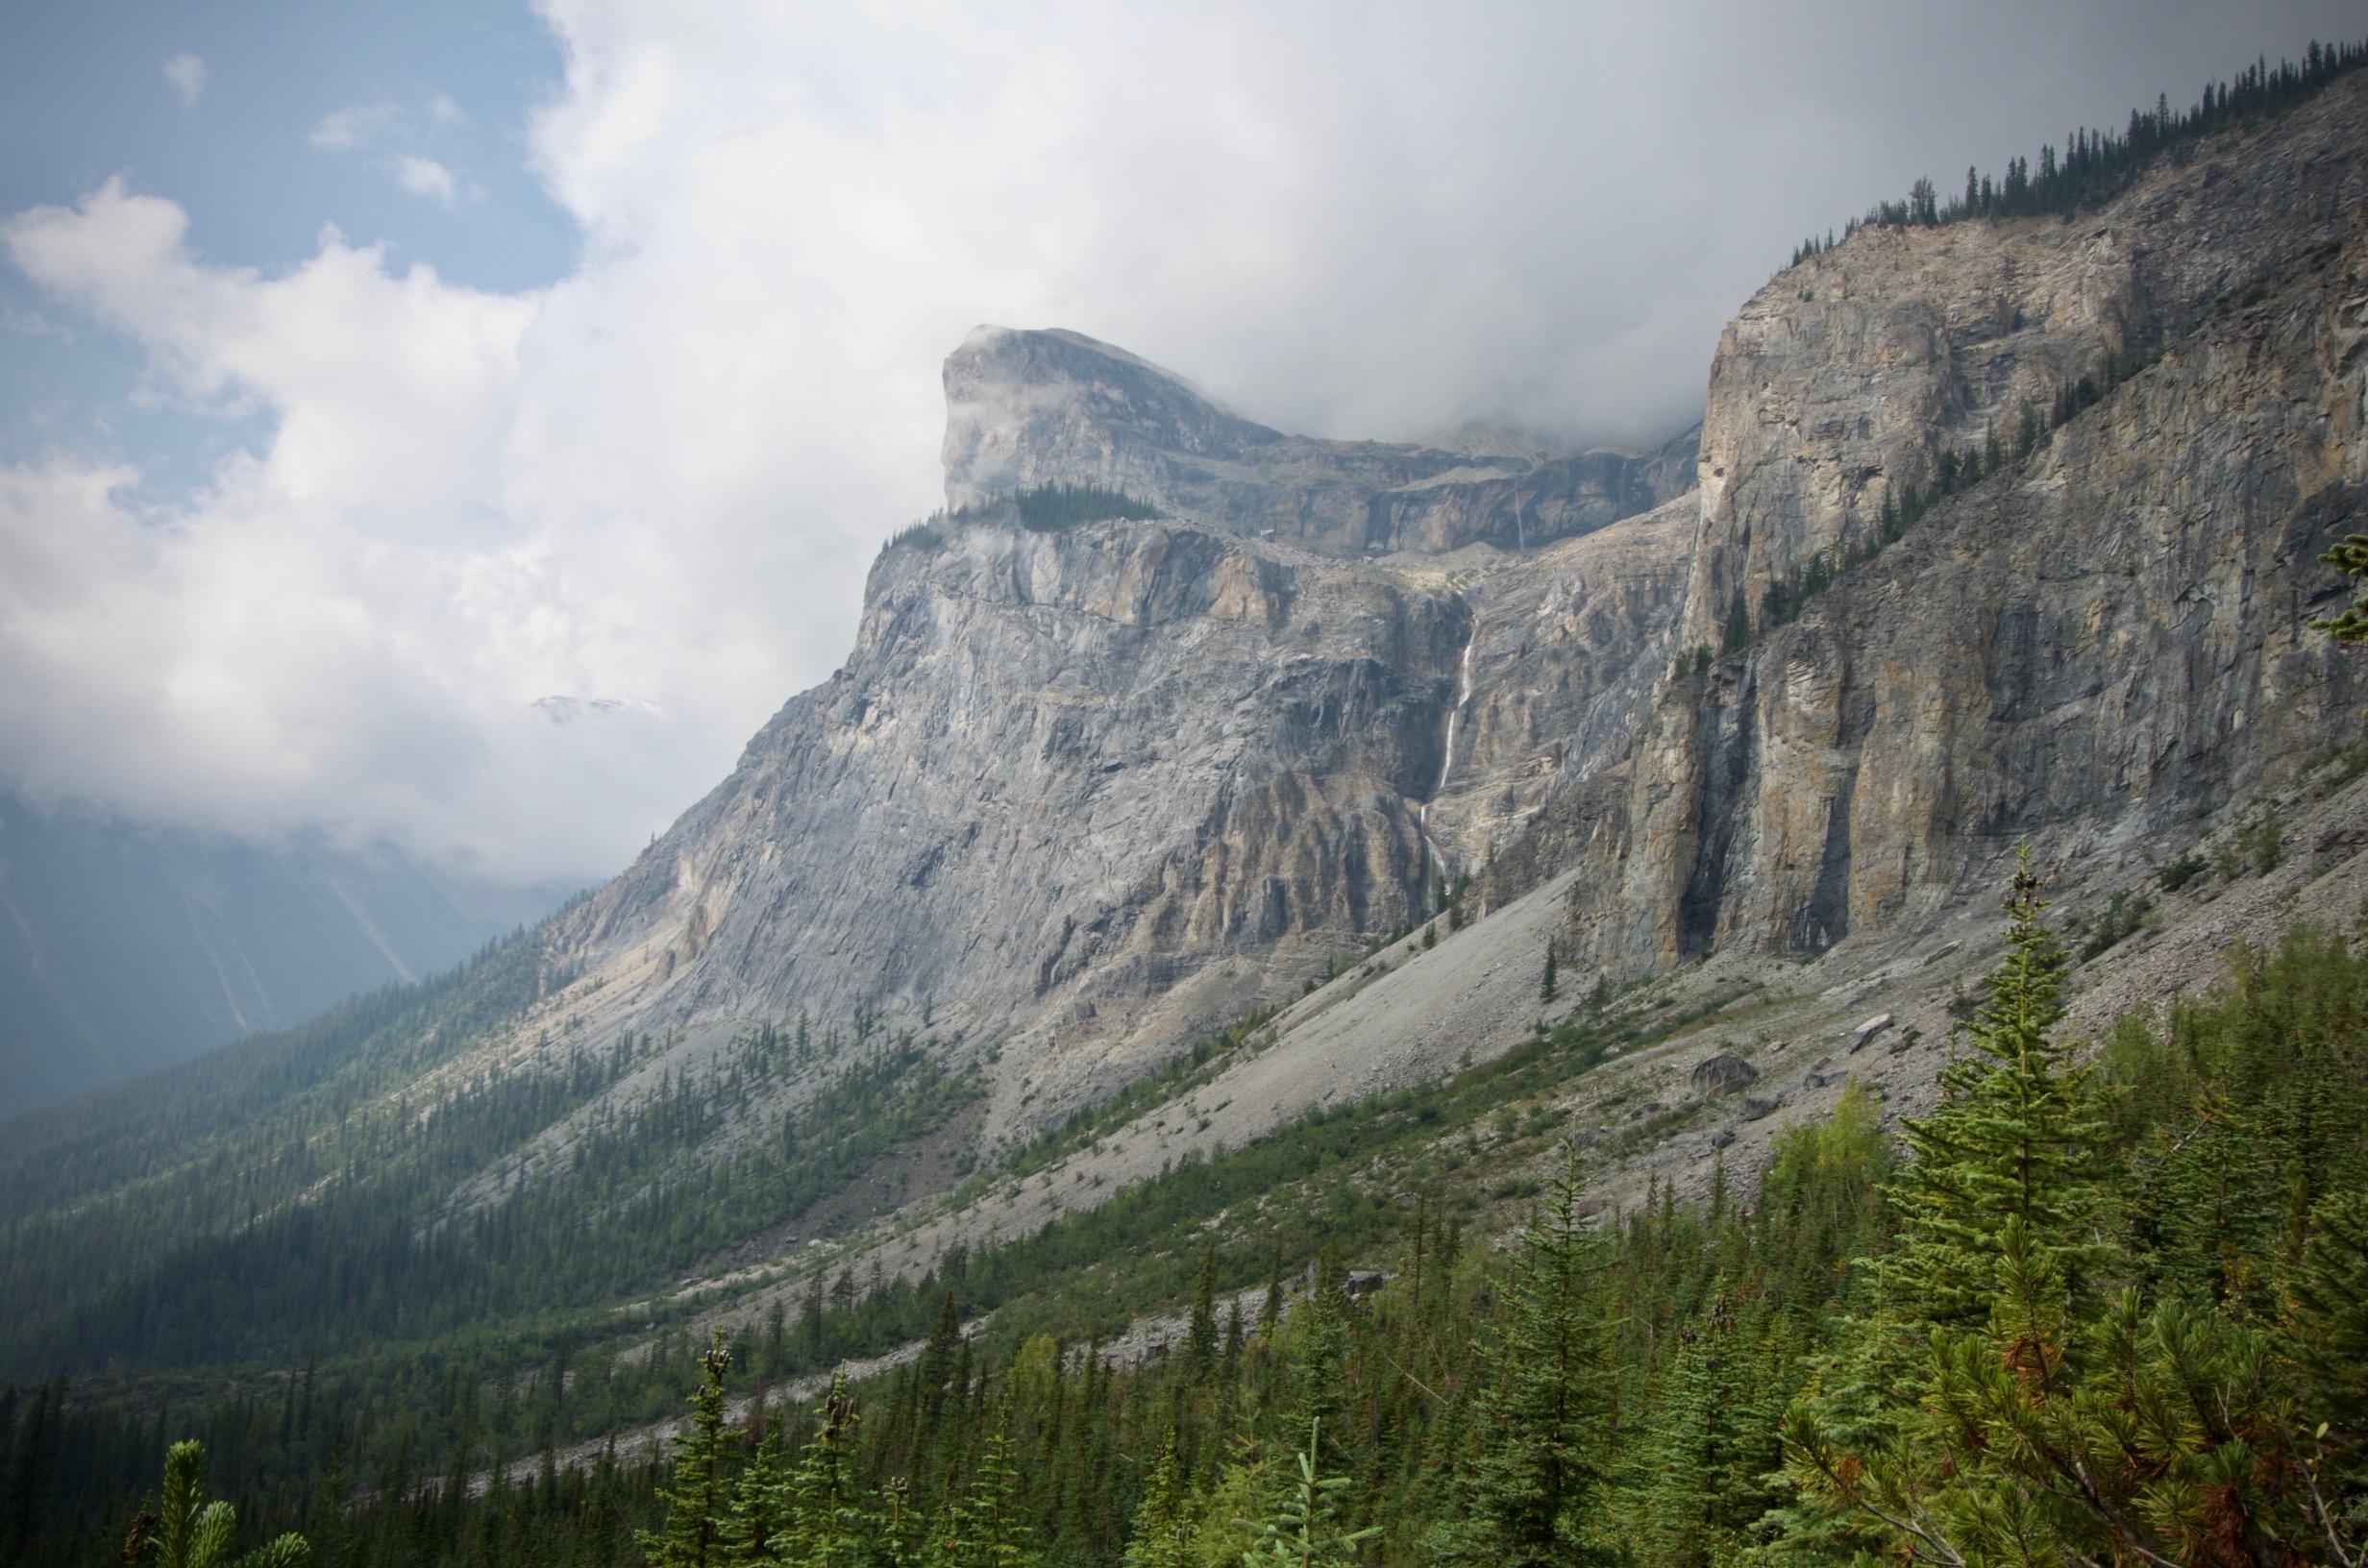 montagne yoho pass